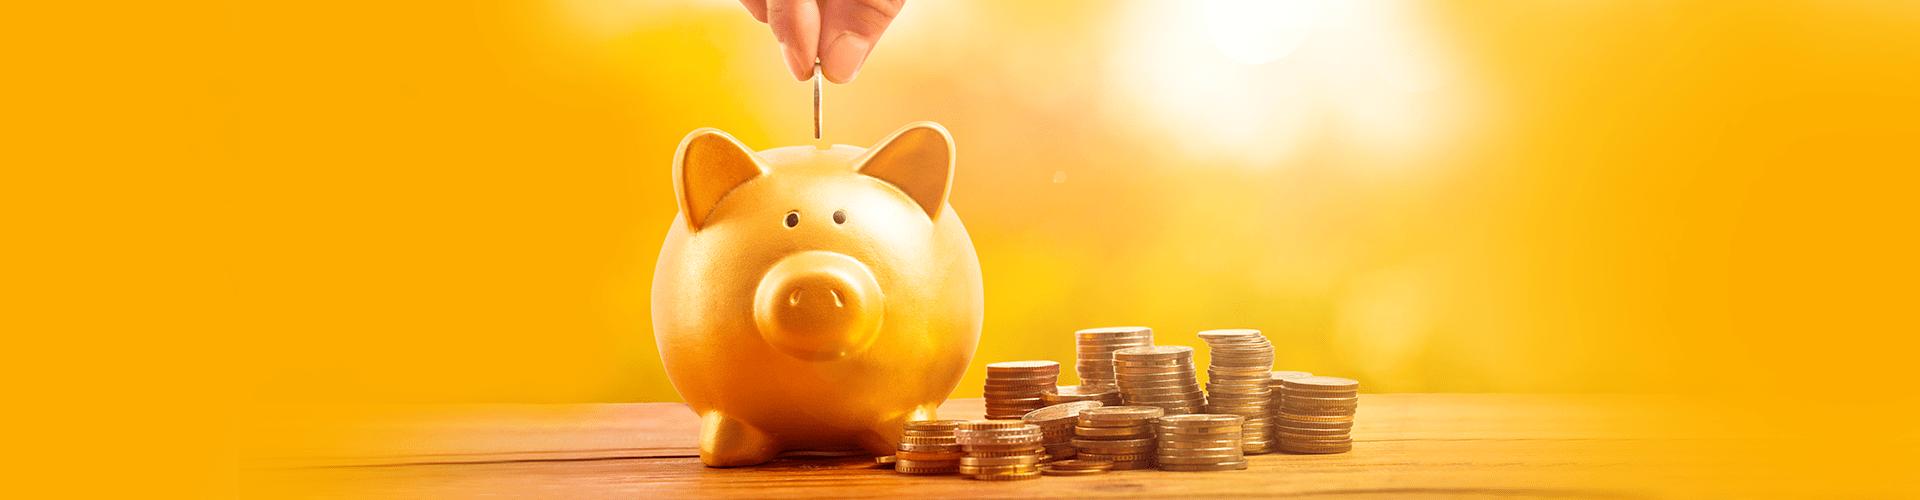 Экономия притягивает бедность – правда это или миф